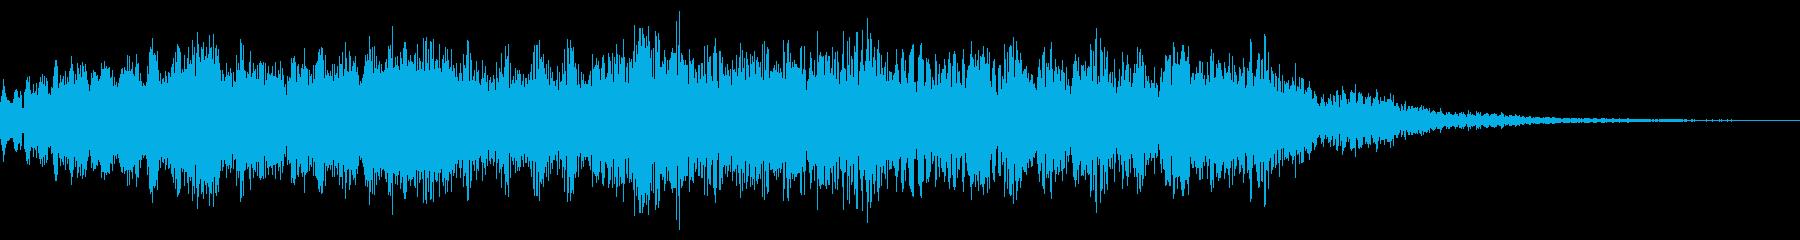 ベルズフォーリングダウン、MUSI...の再生済みの波形